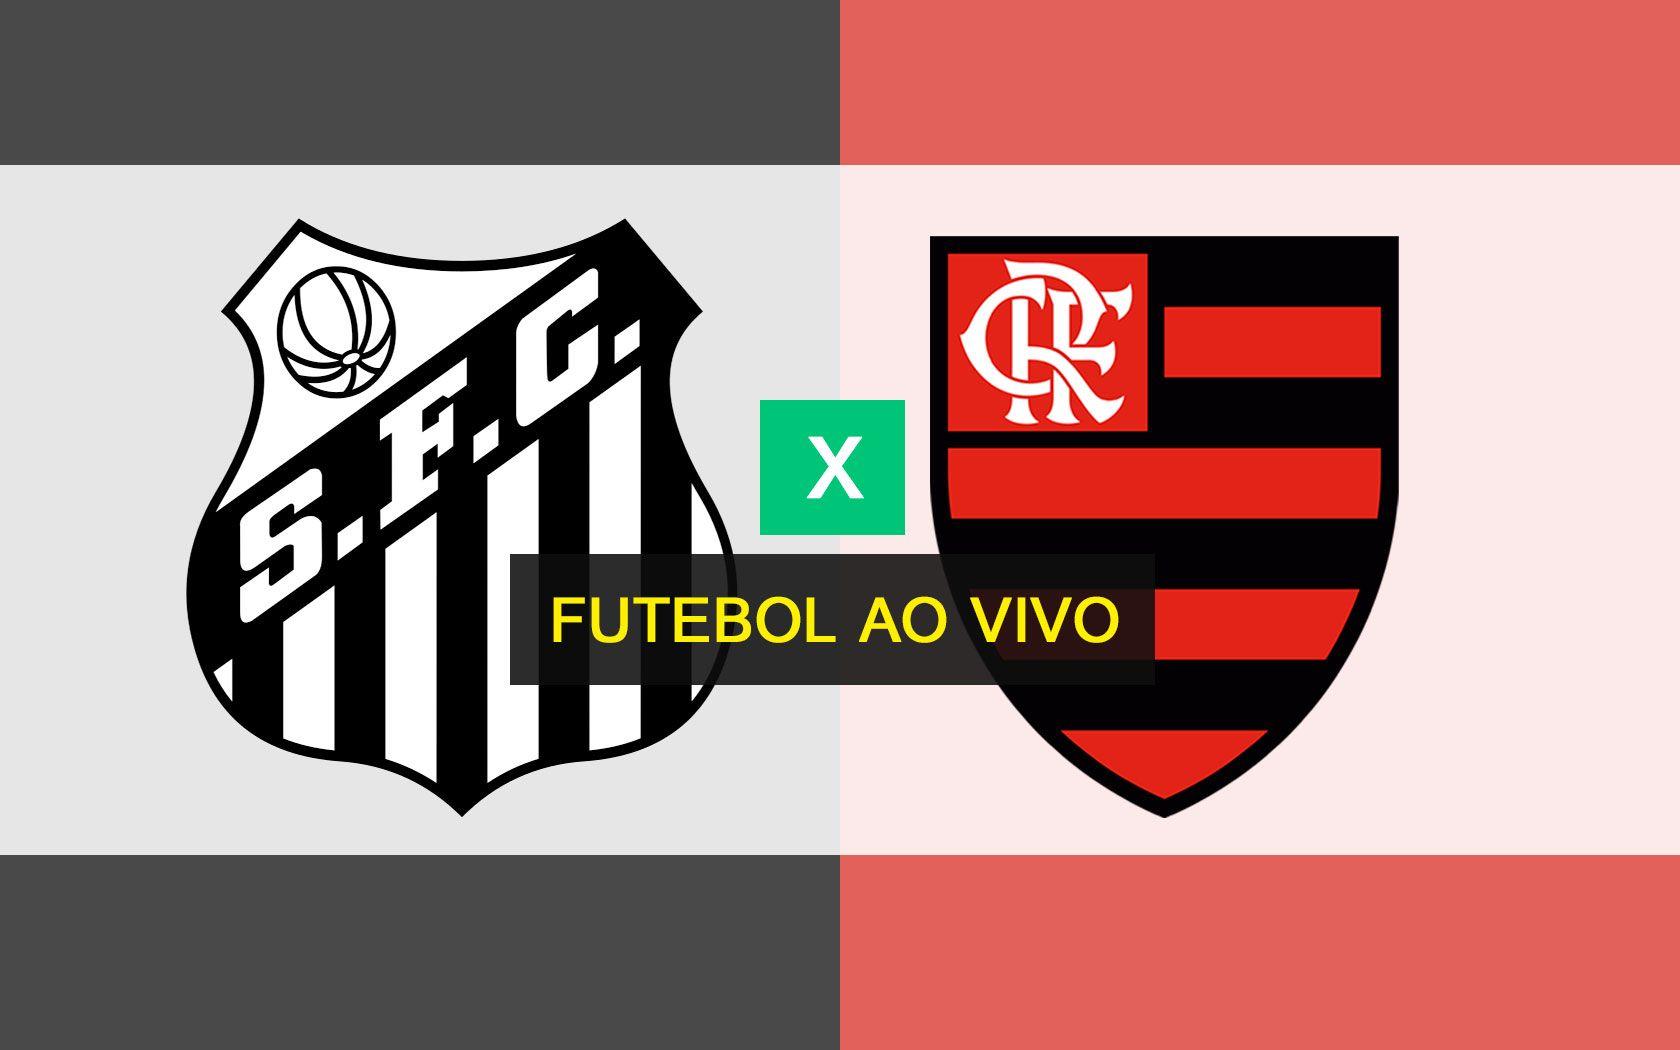 TV Online: Onde assistir futebol na Globo ao vivo, Jogo do Flamengo x Santos ao vivo hoje; confira